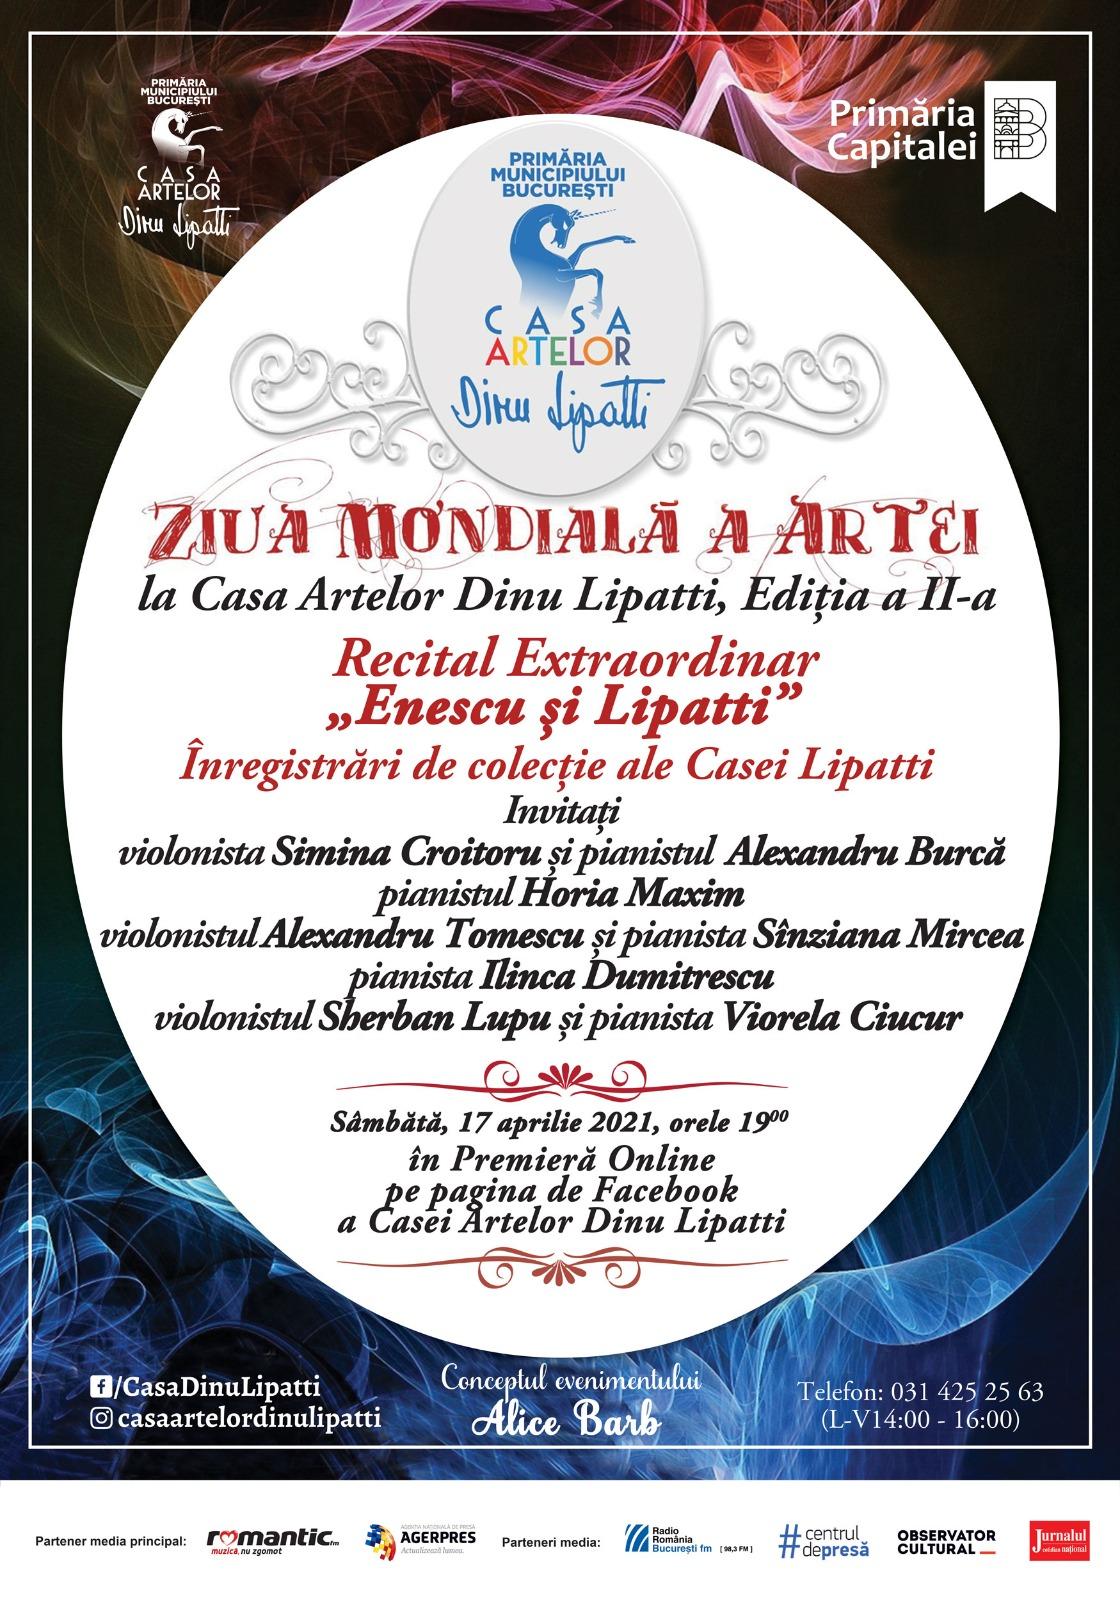 """Recital Extraordinar """"Enescu și Lipatti"""". Înregistrări de colecție ale Casei Lipatti de Ziua Mondială a Artei în Premieră Online"""